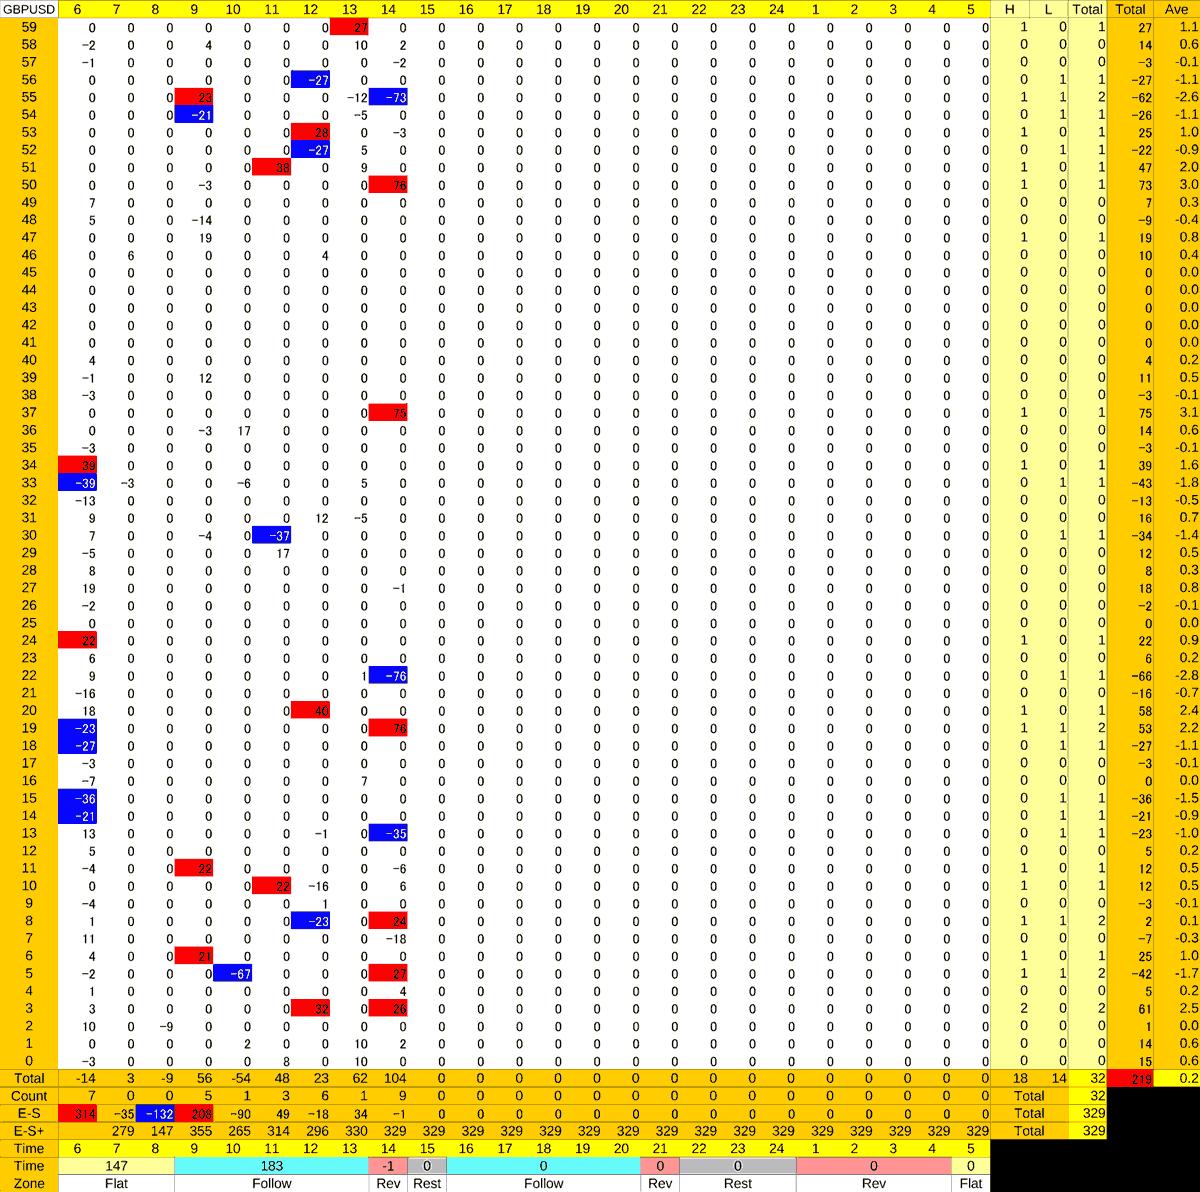 20201225_HS(2)GBPUSD